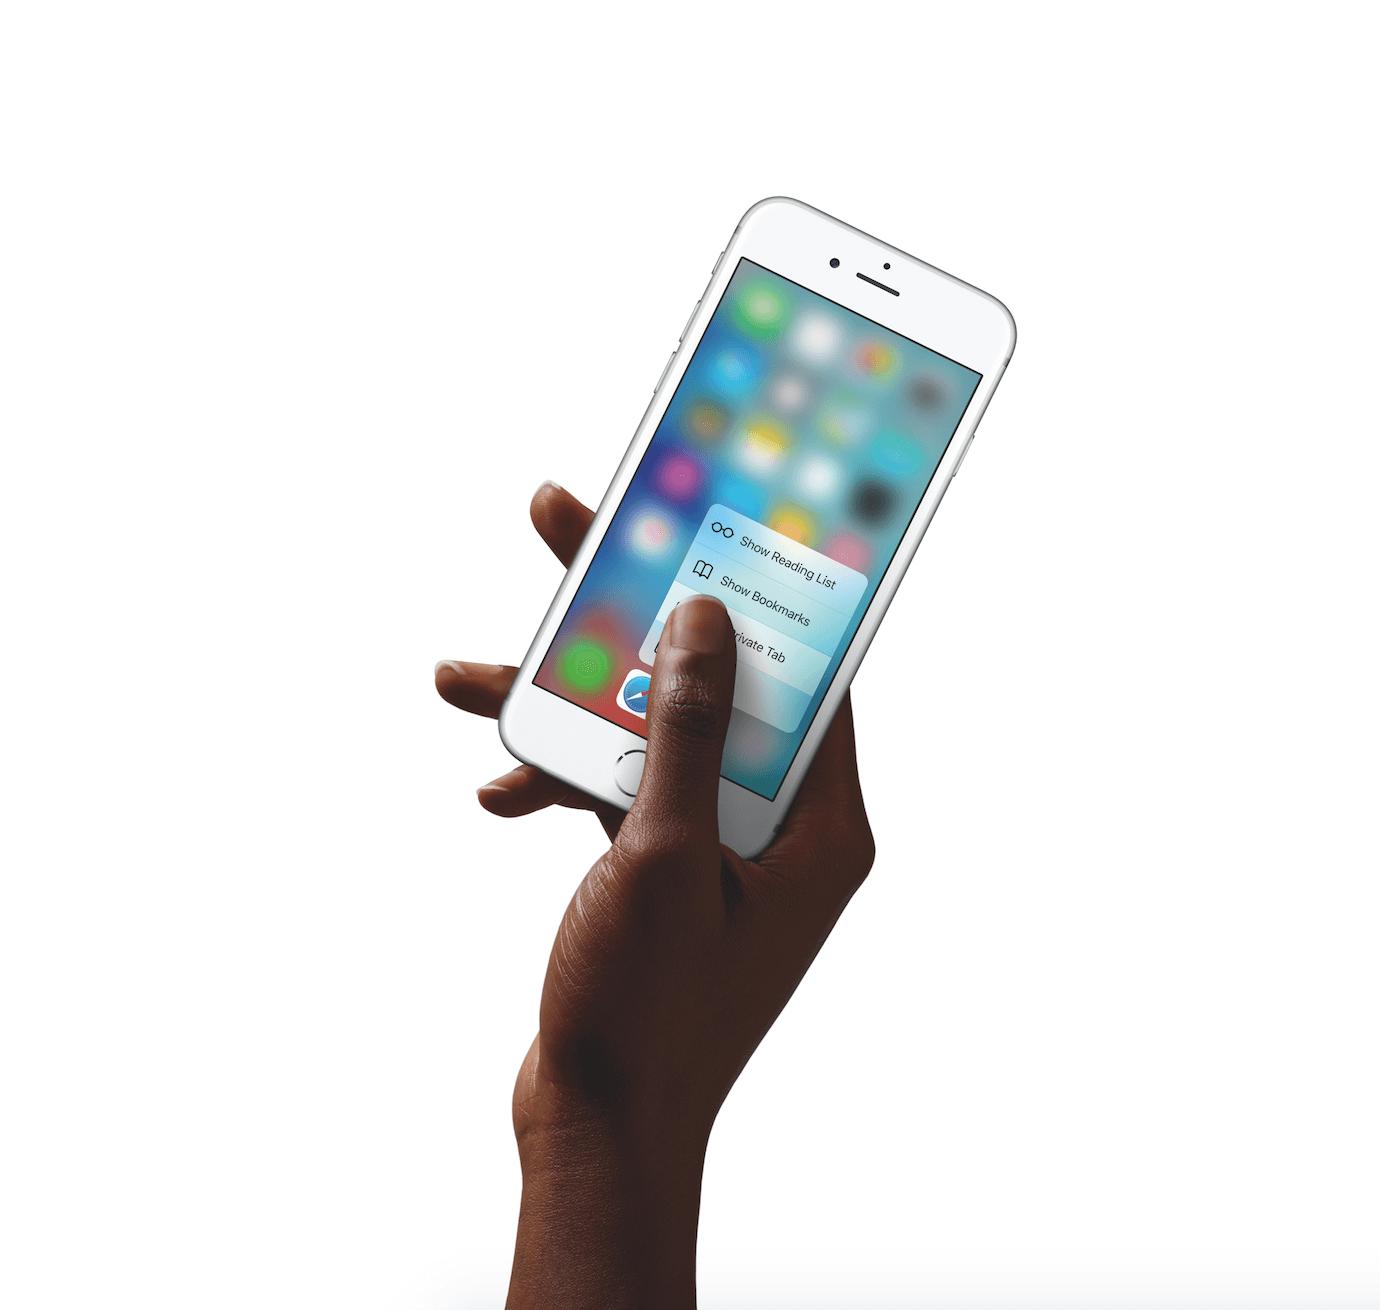 iPhone 6s & 6s Plus: Marktstart heute auch in Deutschland 1